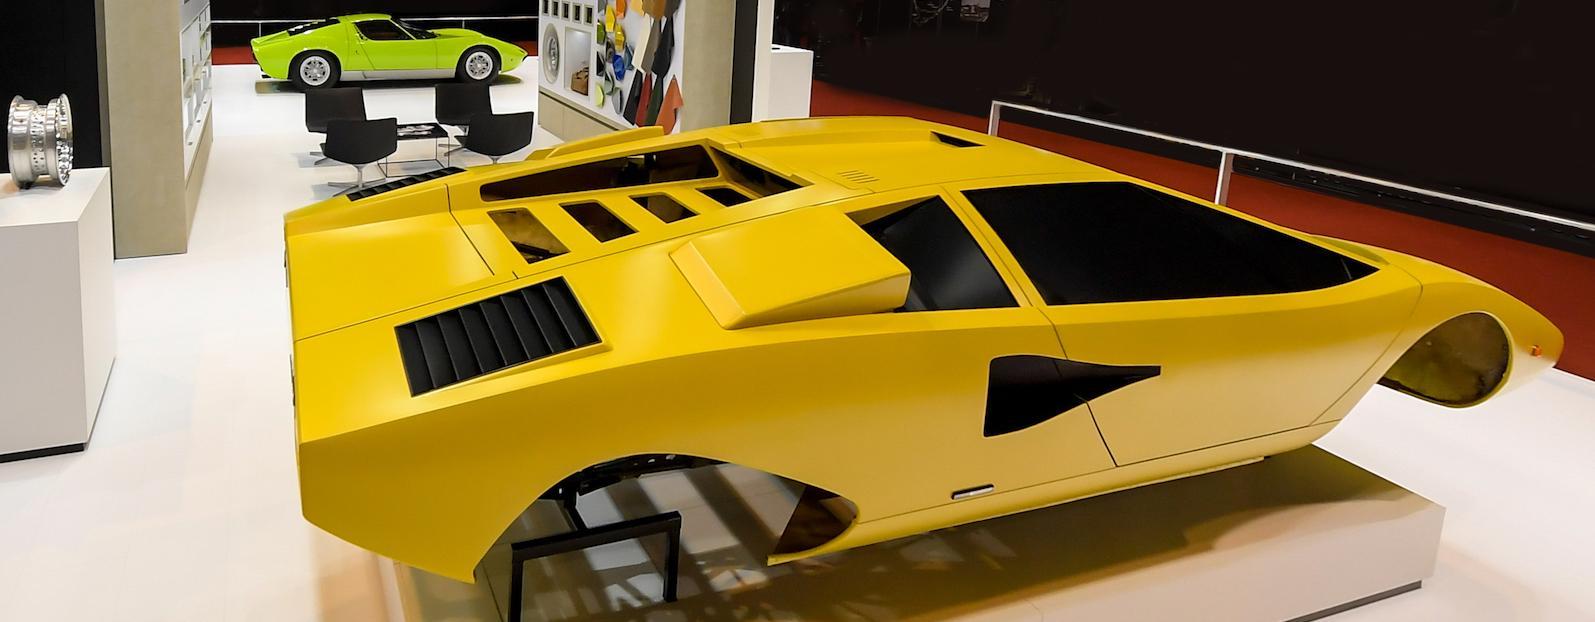 Lamborghini, Fiat Chrysler to present restored cars at Rètromobile